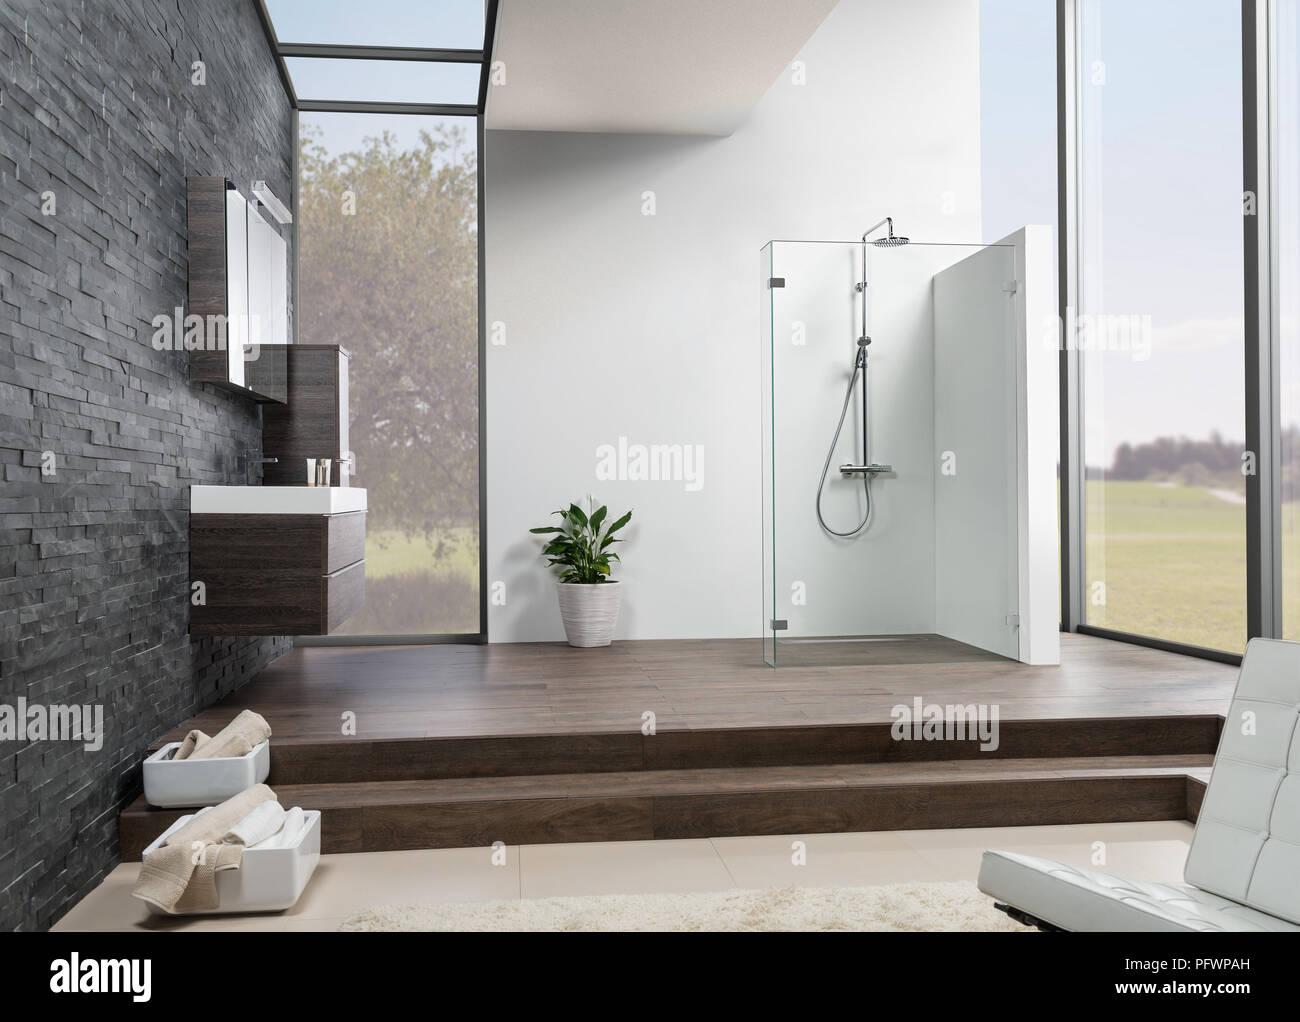 Holzfußboden Im Bad ~ Modernes bad mit schwarzen fliesen holzfußboden und große fenster